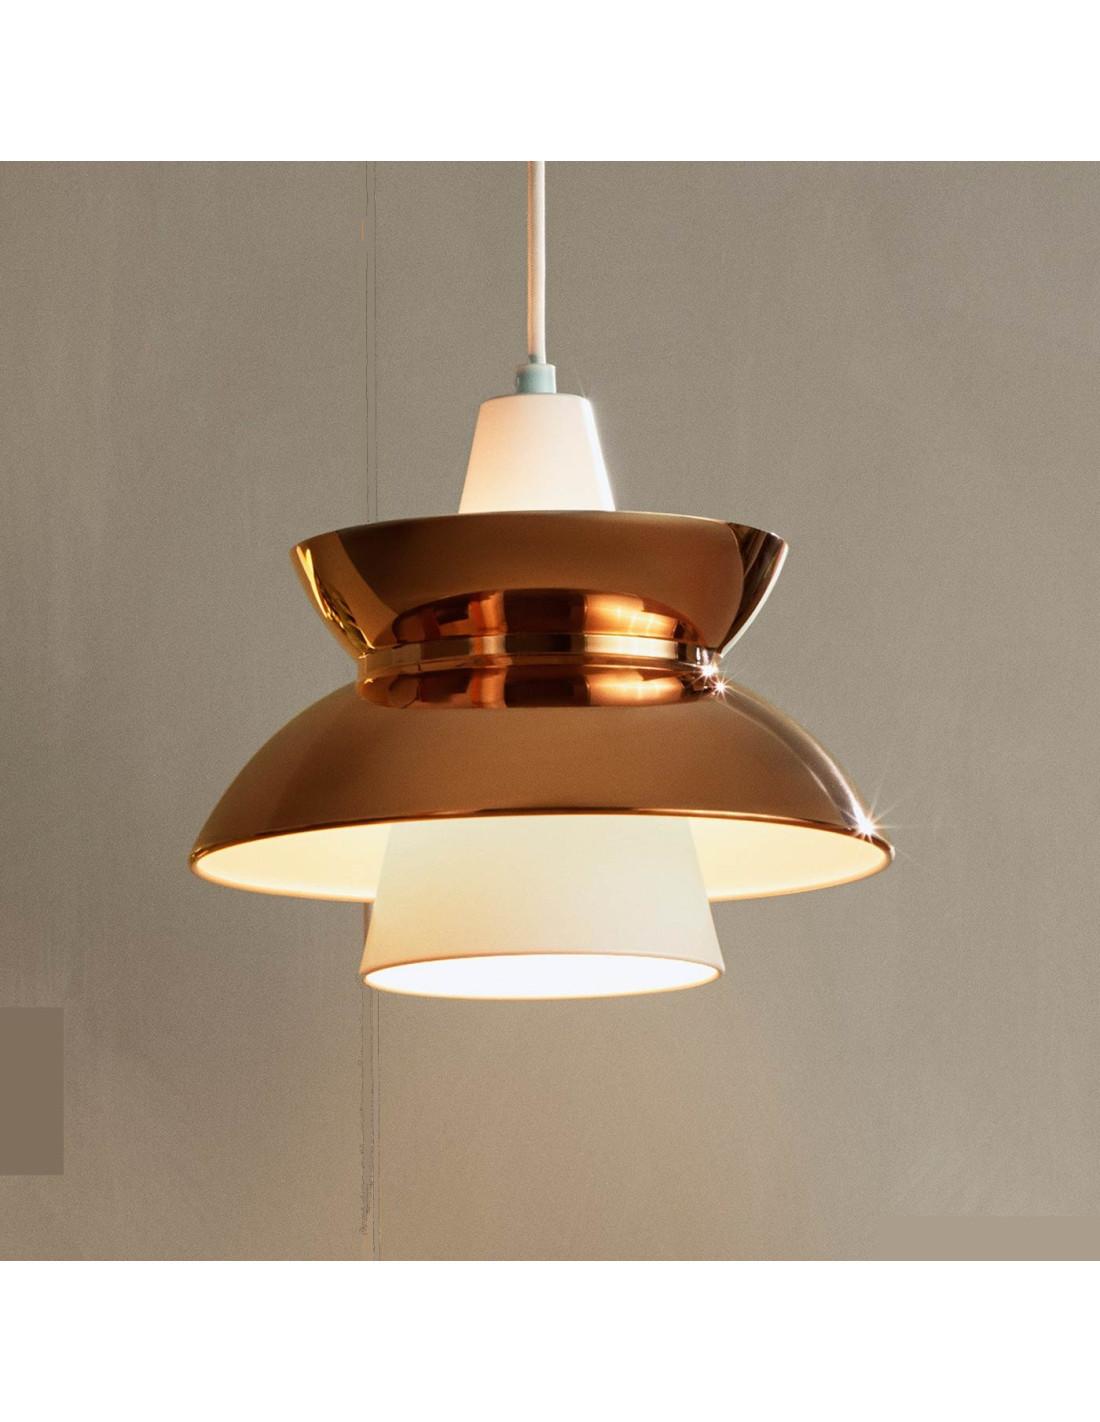 suspension doo wop de louis poulsen la boutique danoise. Black Bedroom Furniture Sets. Home Design Ideas